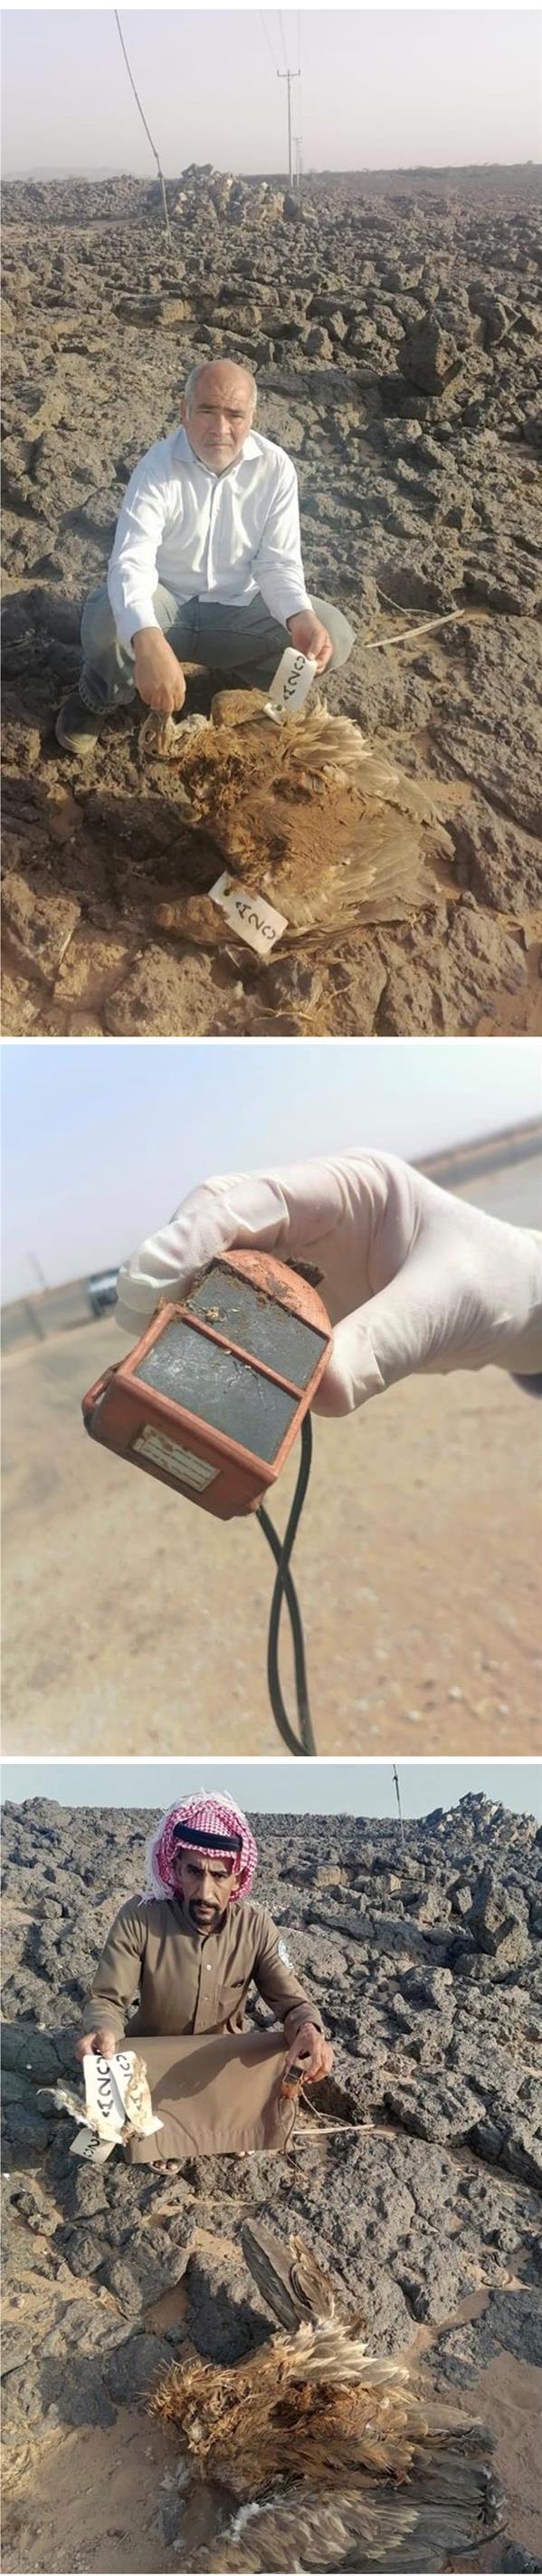 استرجاع جهاز تتبع فضائي لمسارات الهجرة من نسر أسمر